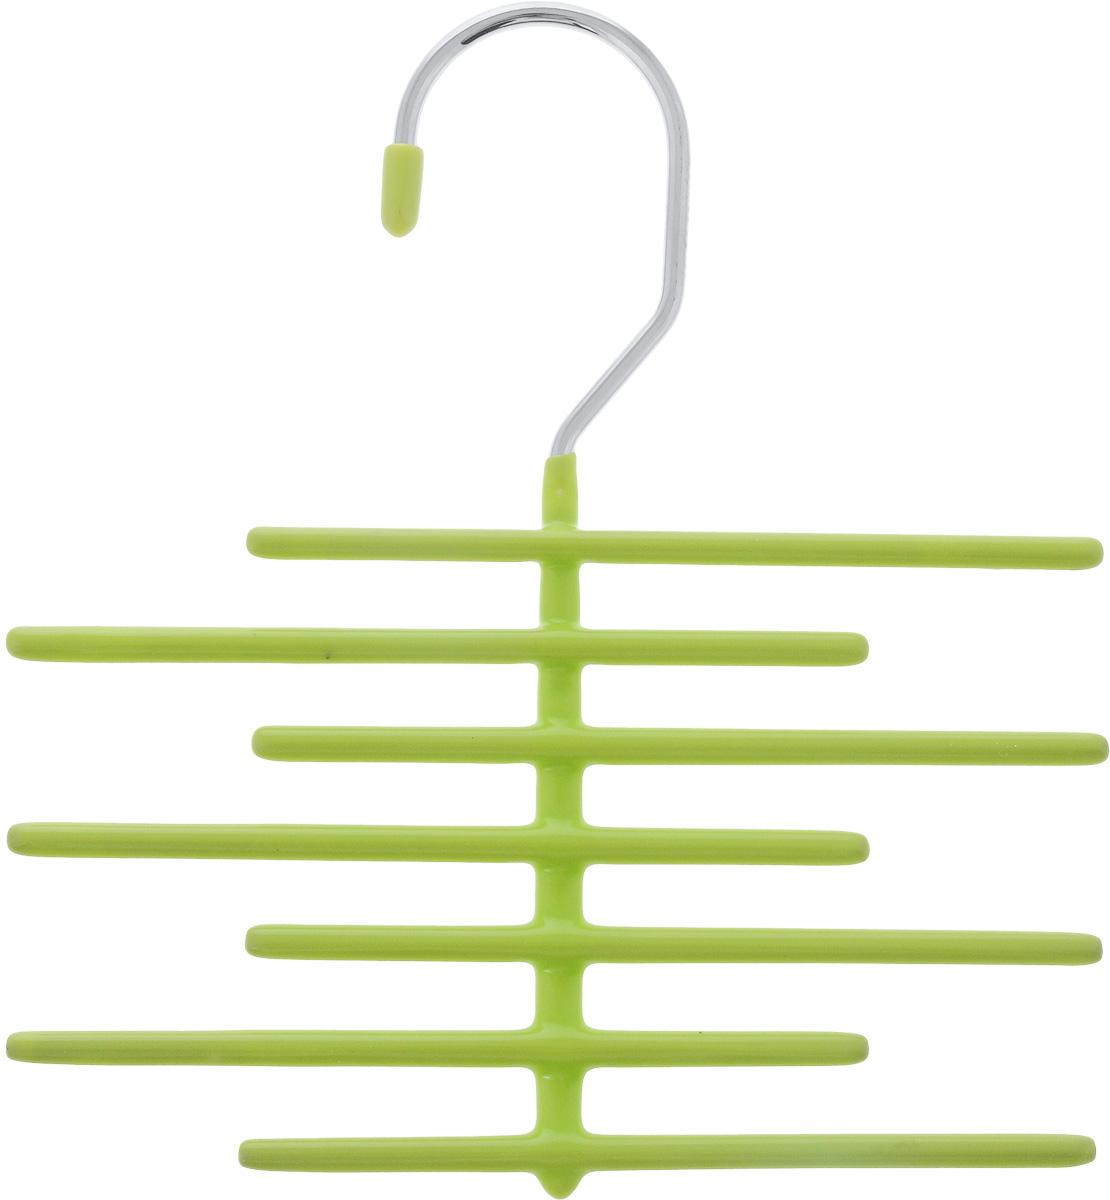 Вешалка для галстуков Attribute Home, цвет: салатовый, длина 18 см74-0060Вешалка для галстуков Attribute Home выполнена из качественной стали. Благодаря инновационному покрытию из ПВХ, вещи не соскальзывают с вешалки. Изделие содержит 7 перекладин для галстуков. Удобная вешалка Attribute Home позволит компактно и аккуратно хранить галстуки и другие аксессуары. Длина вешалки: 18 см.Длина перекладины: 14 см.